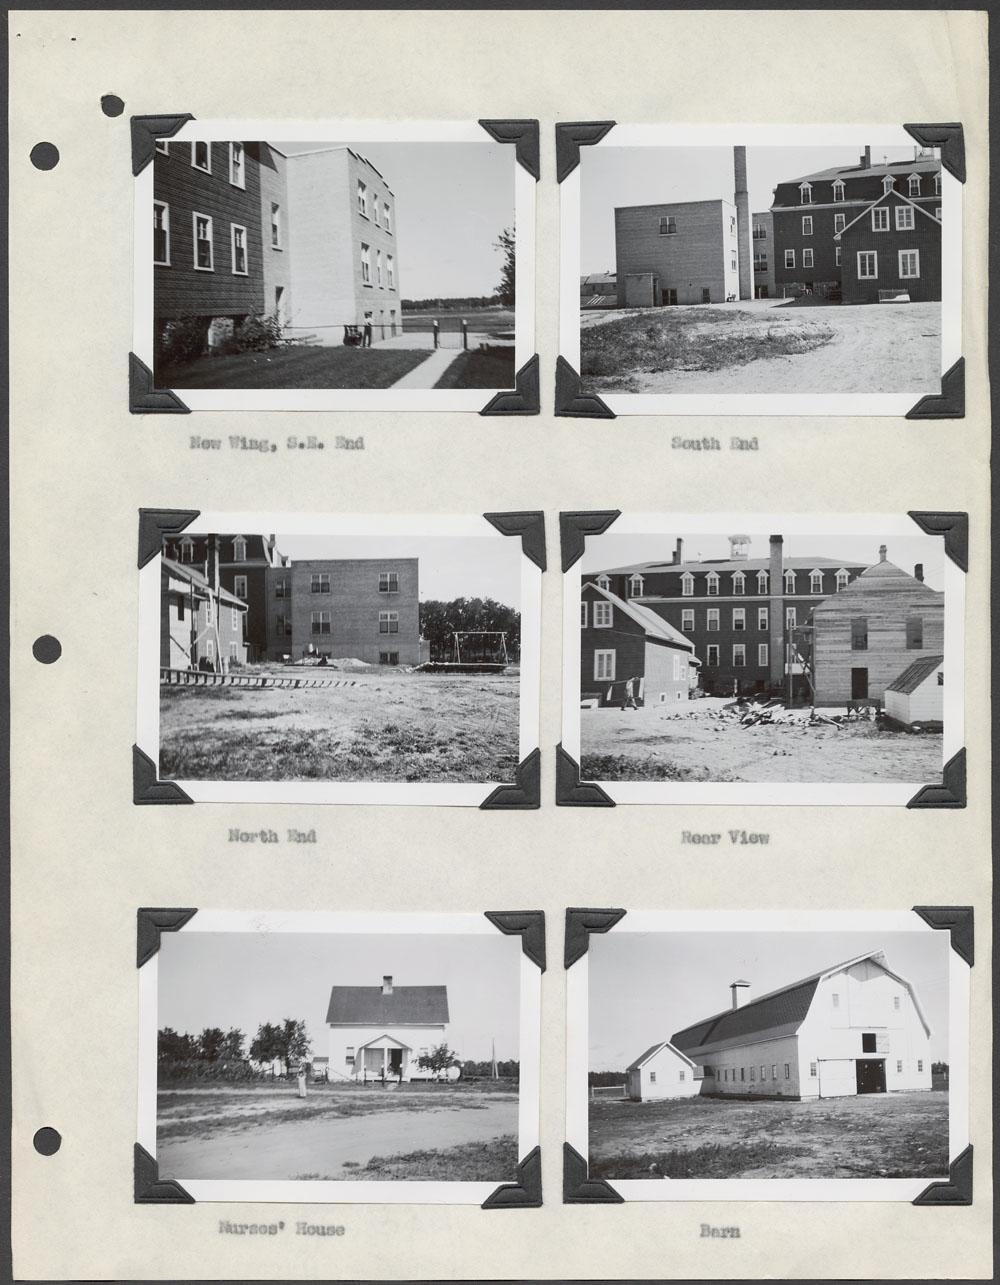 Pensionnat indien de Sandy Bay, différentes vues de l'école, résidence des infirmières et grange, Marius, vers 1948